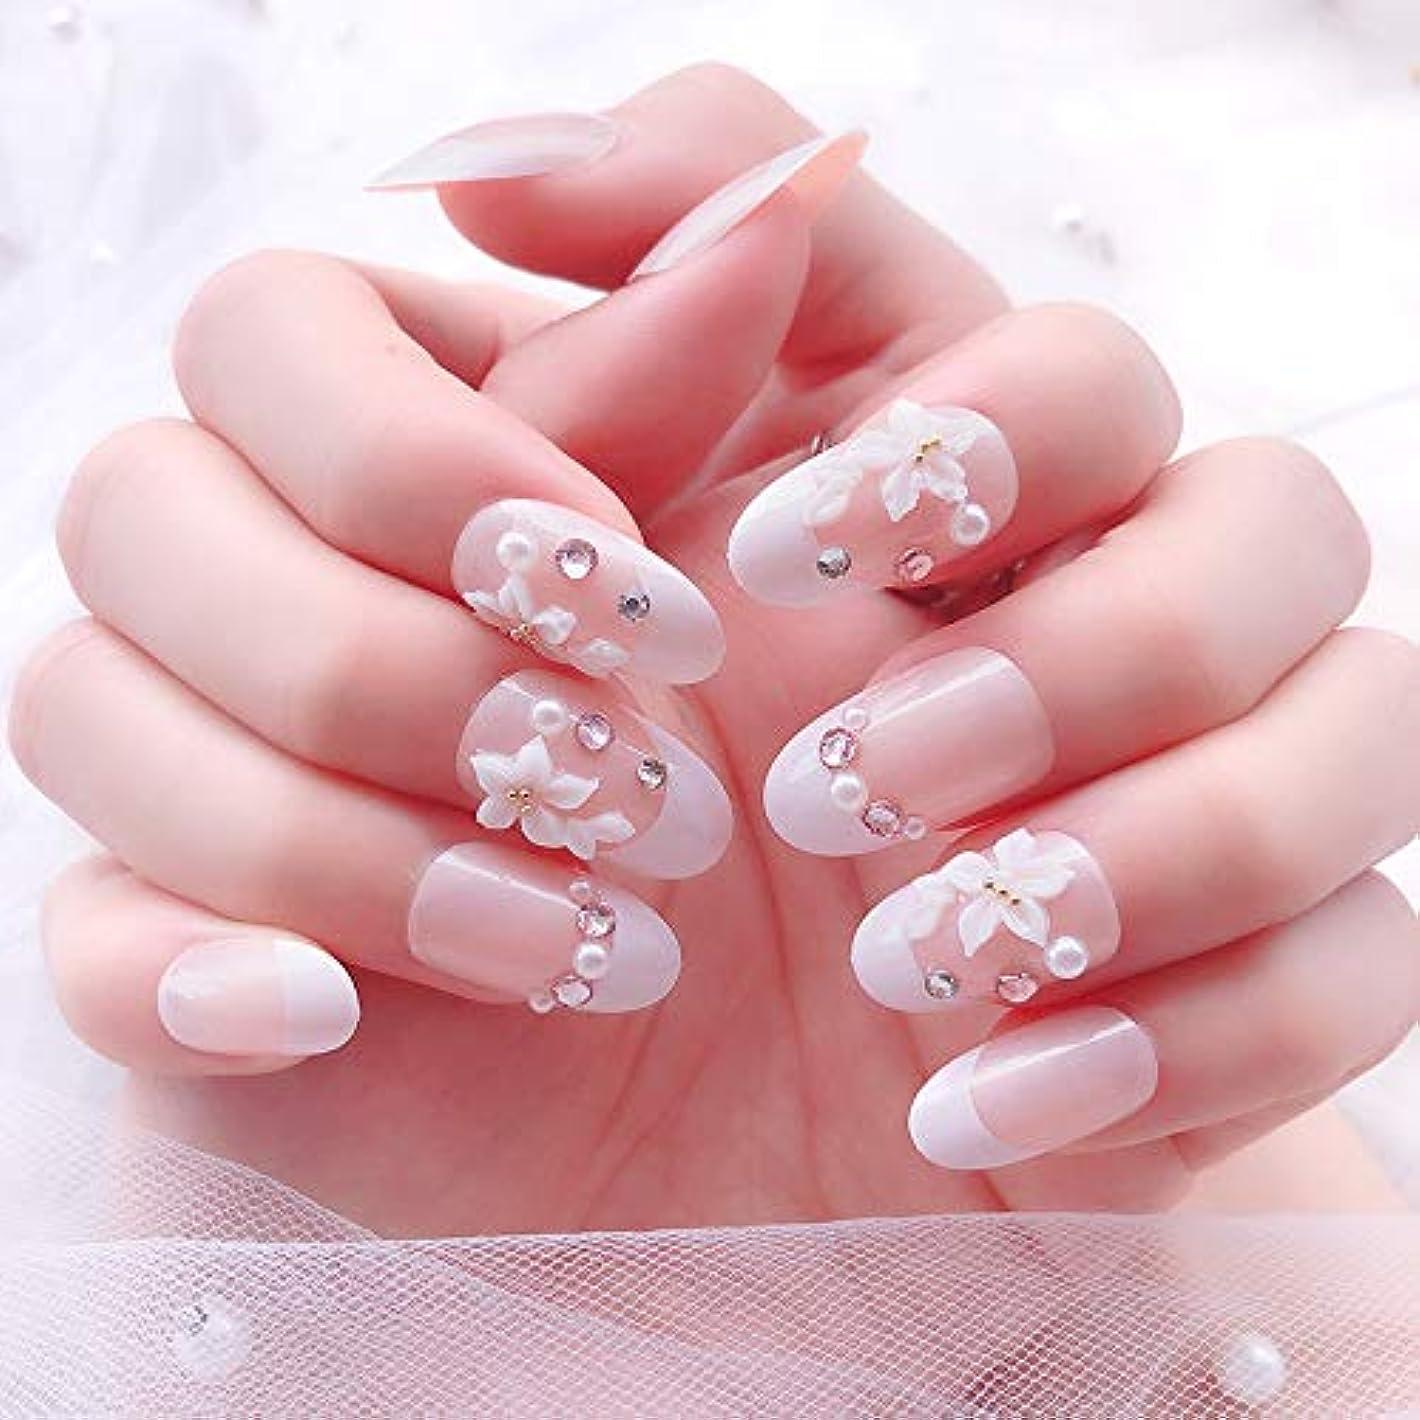 ペチコート国勢調査バイバイ花嫁ネイル 手作りネイルチップ 和装 ネイル 24枚入 結婚式、パーティー、二次会など フレンチネイルチップ 小さな花の装飾 (A26)